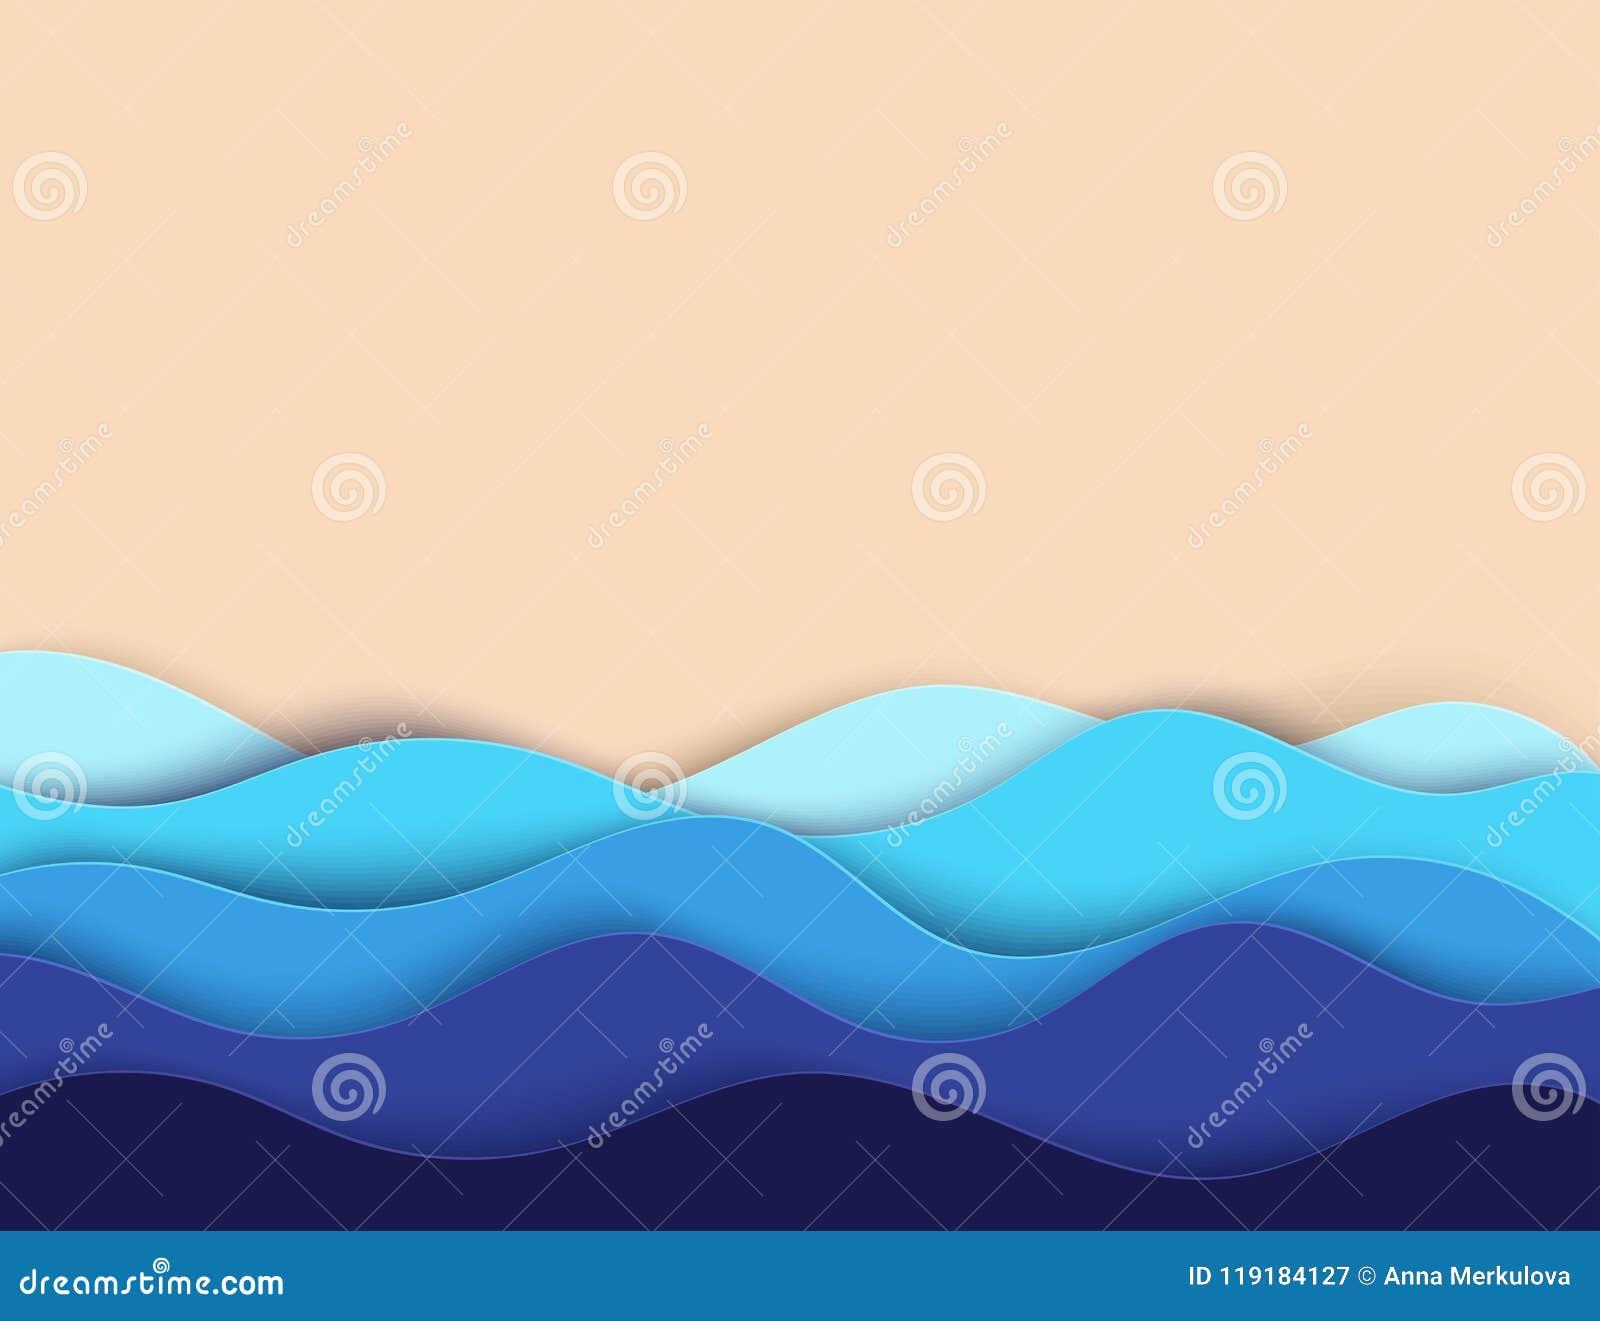 抽象纸艺术海或海洋水波和海滩 夏天